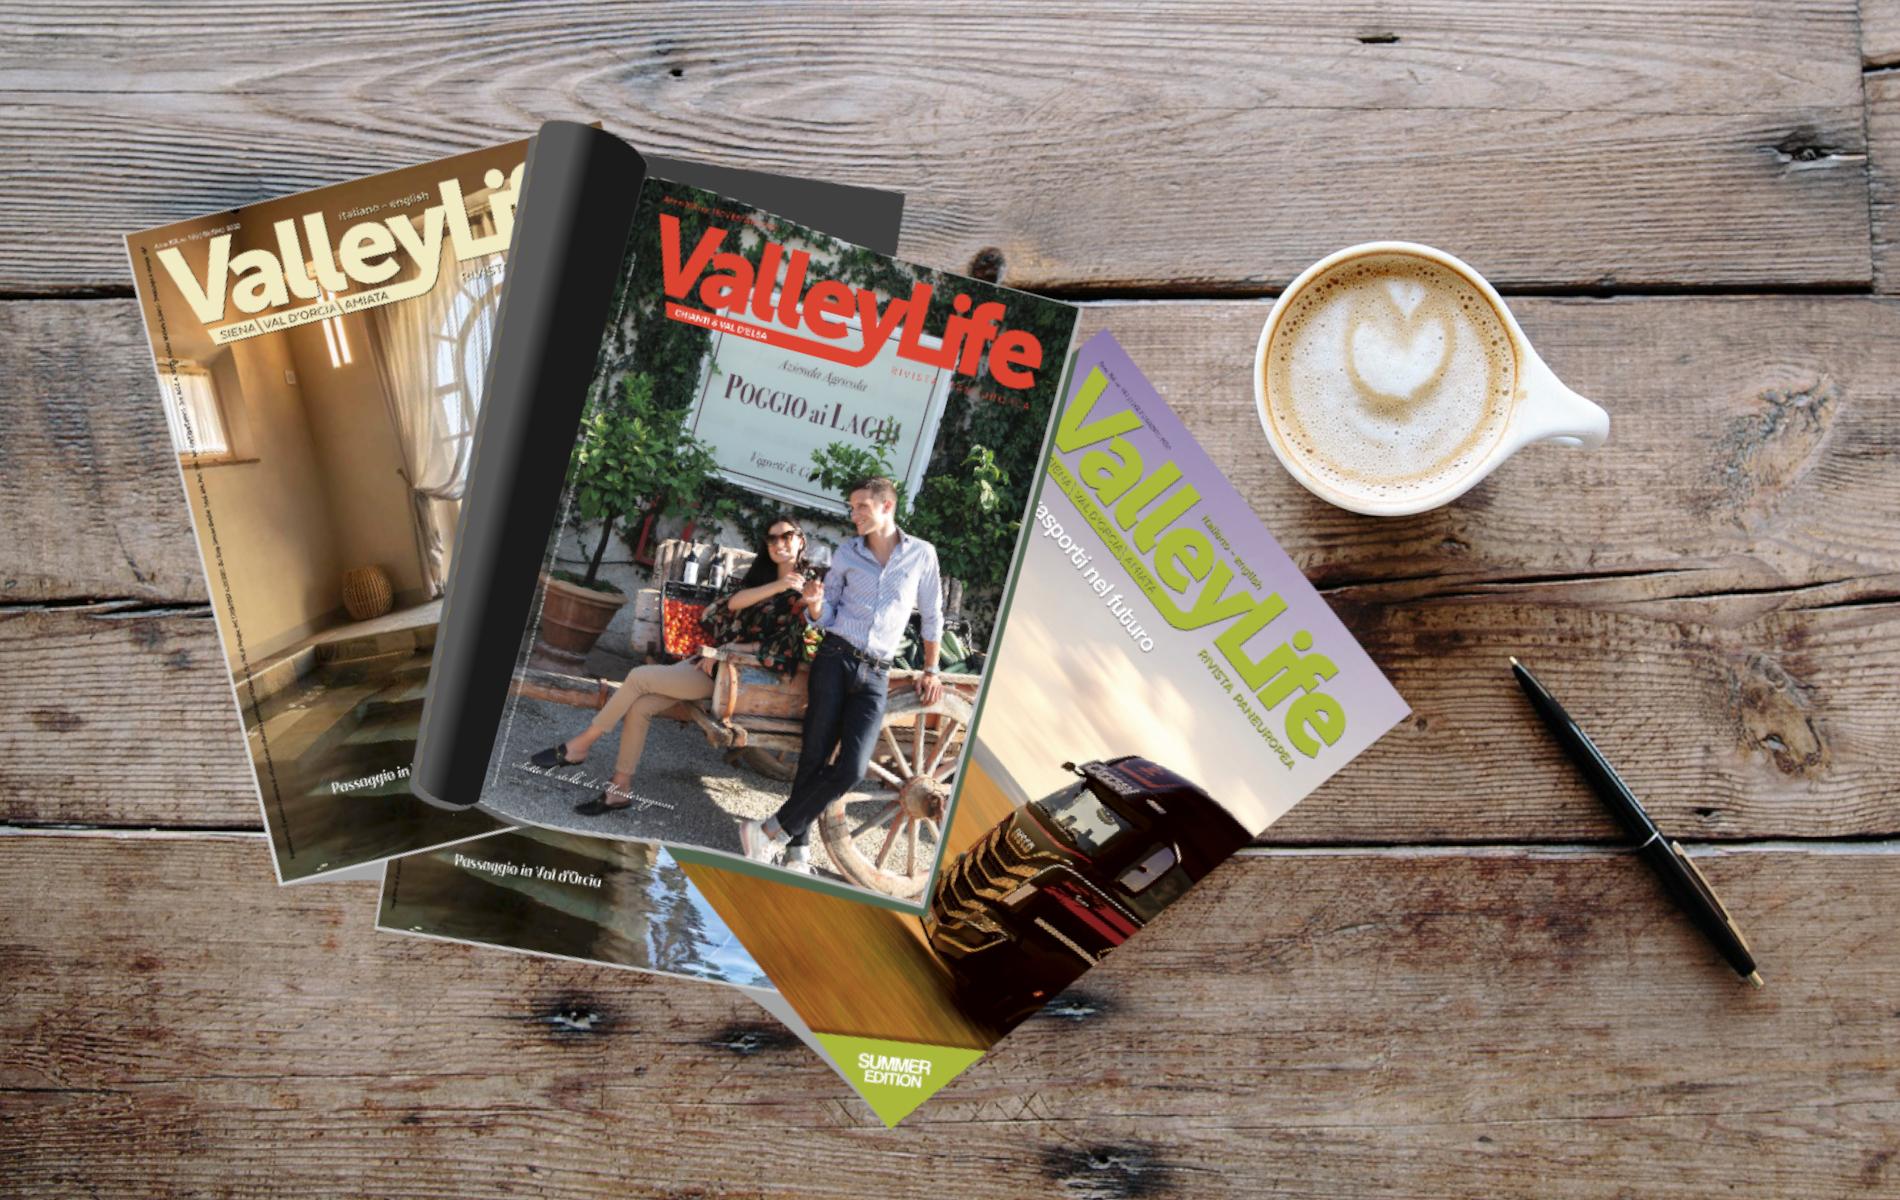 Valley Life Magazine/Rivista Italy